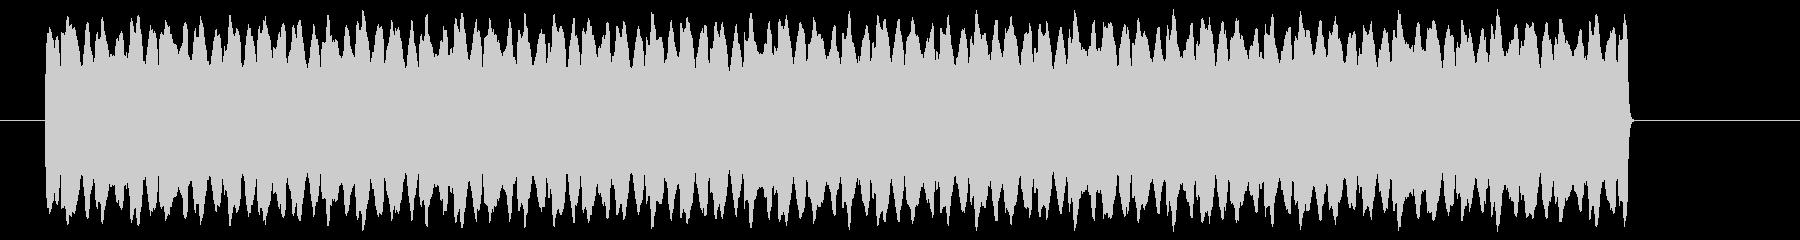 ピ――――!高音のレーザー光線の未再生の波形